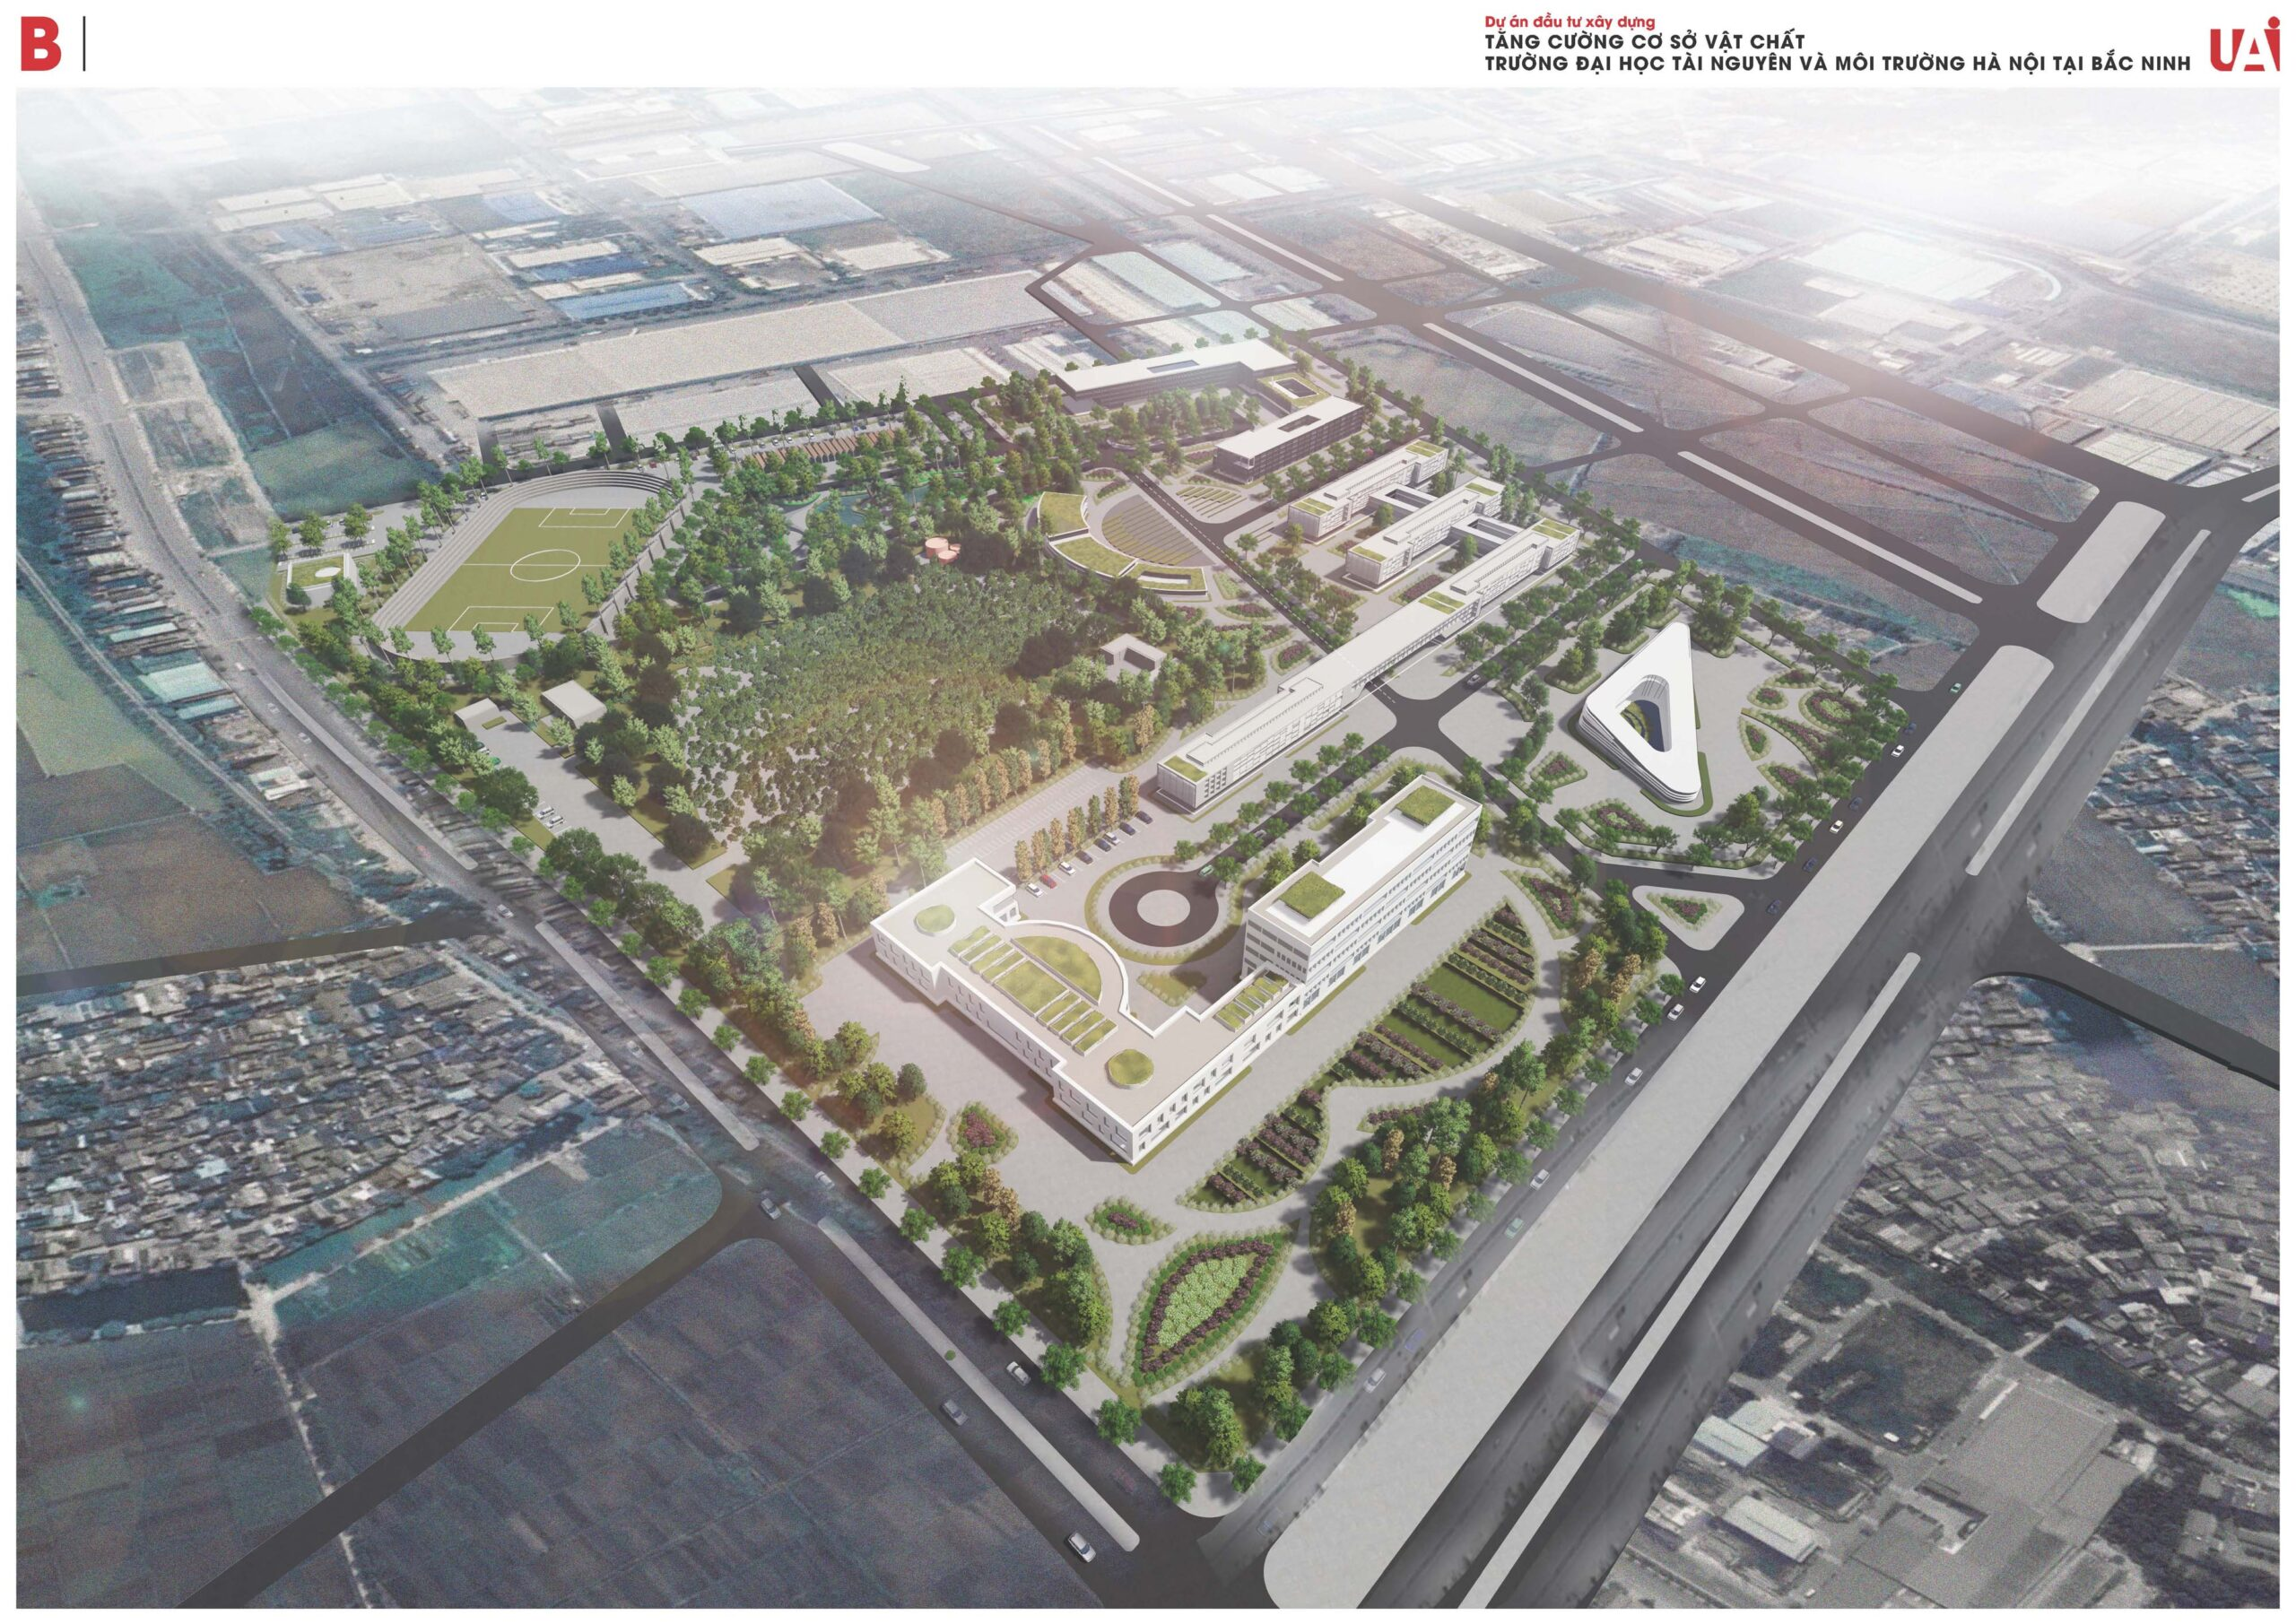 Ý tưởng Quy hoạch Kiến trúc Dự án Đầu tư Xây dựng tăng cường cơ sở vật chất trường Đại học Tài nguyên và Môi trường Hà Nội tại Băc Ninh